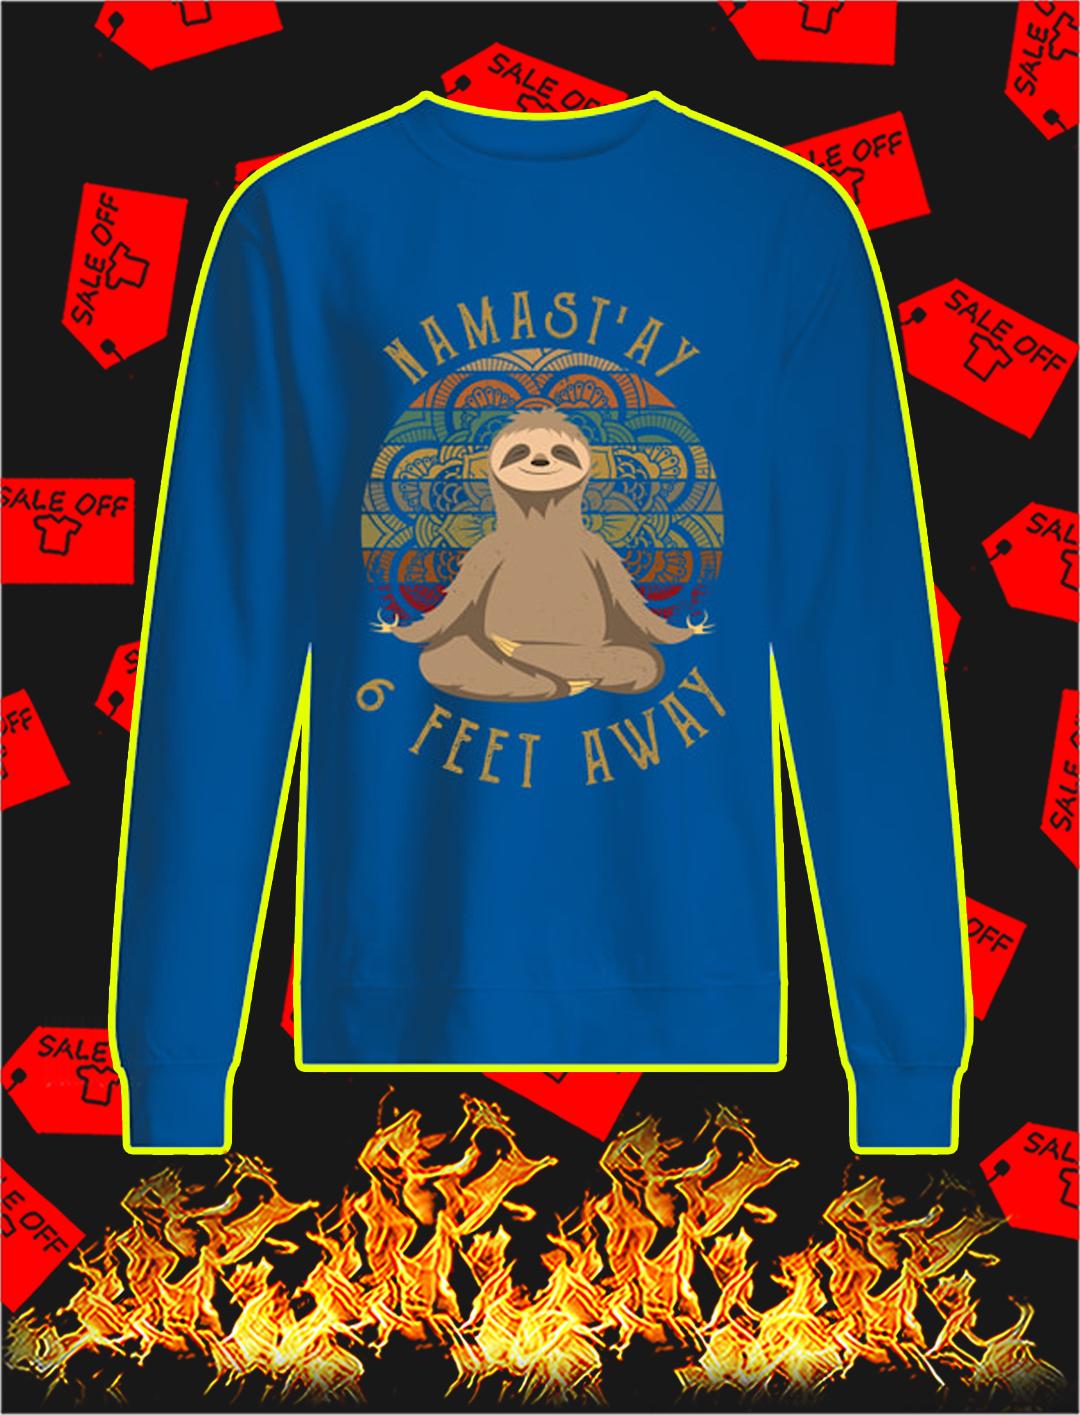 Sloth namast'ay 6 feet away sweatshirt